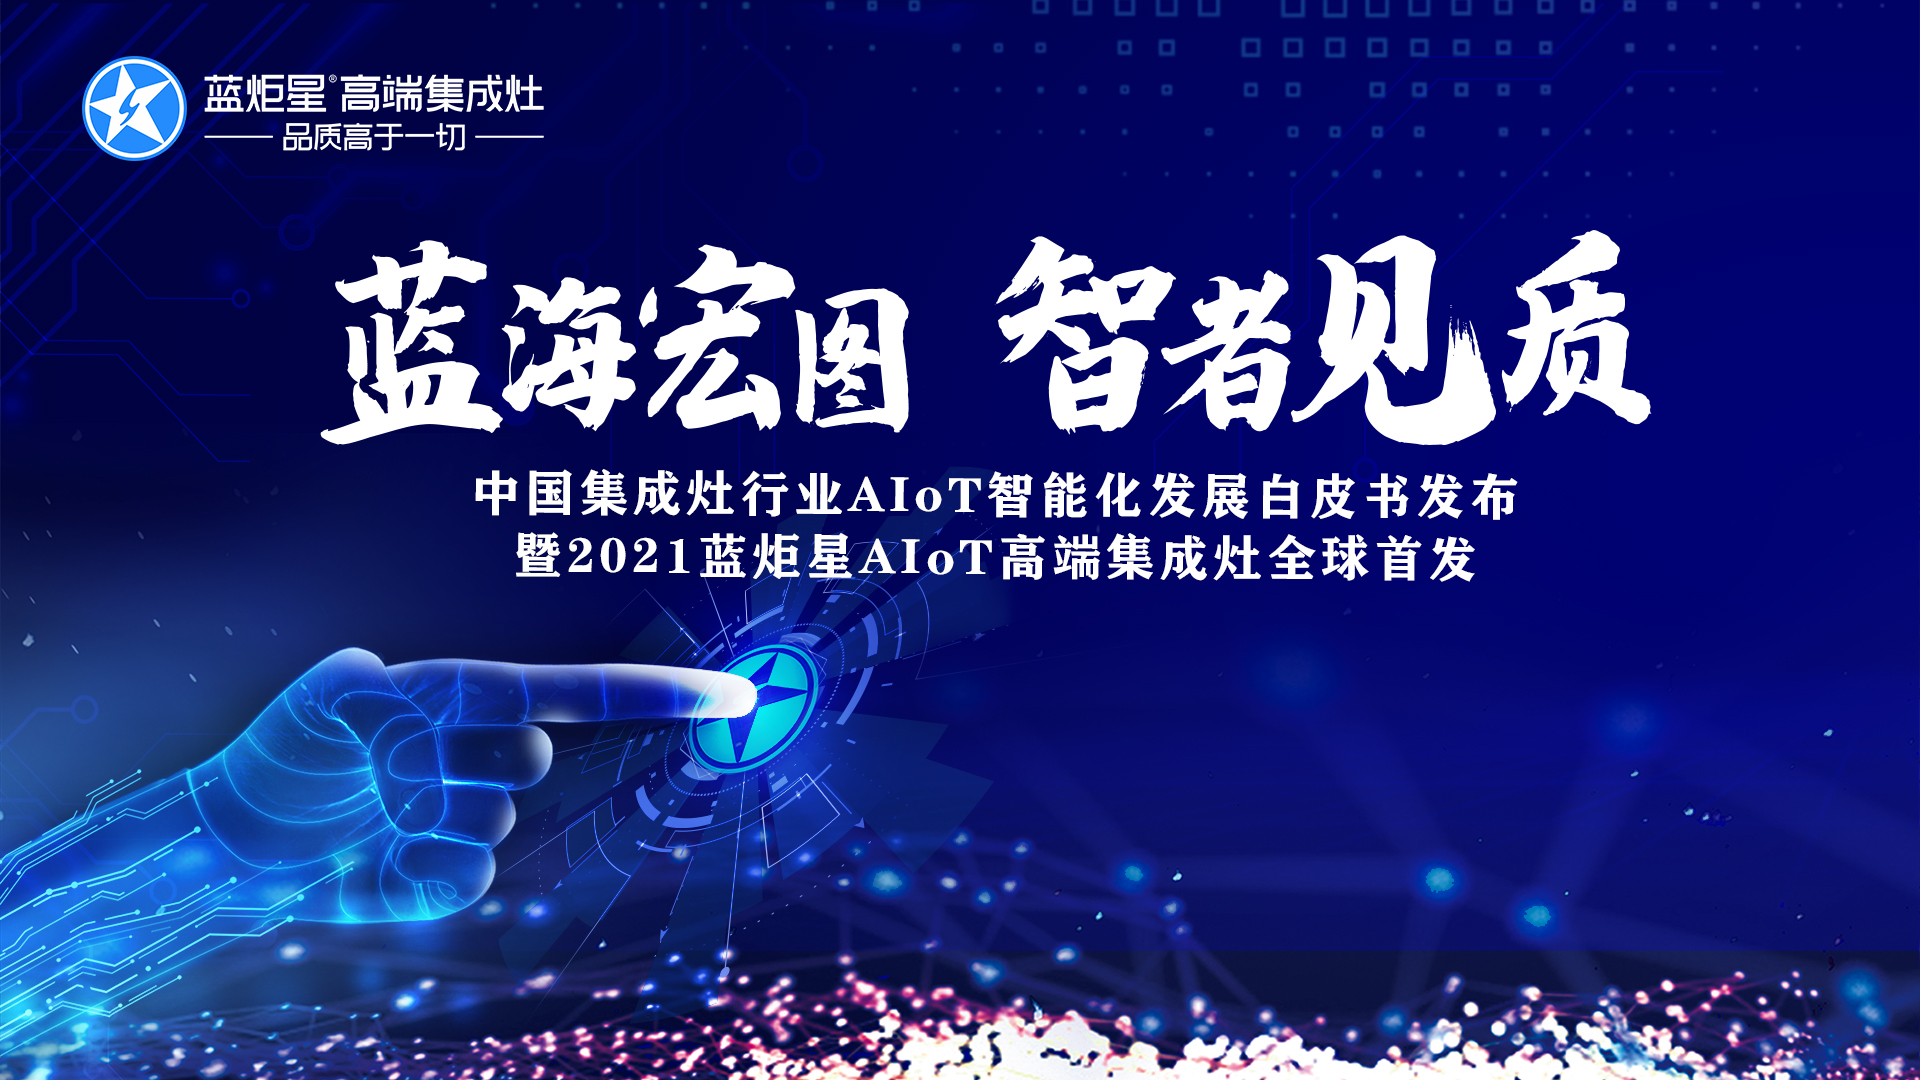 蓝海宏图,智者见质 | 蓝炬星AIoT智能集成灶新品发布会圆满结束!